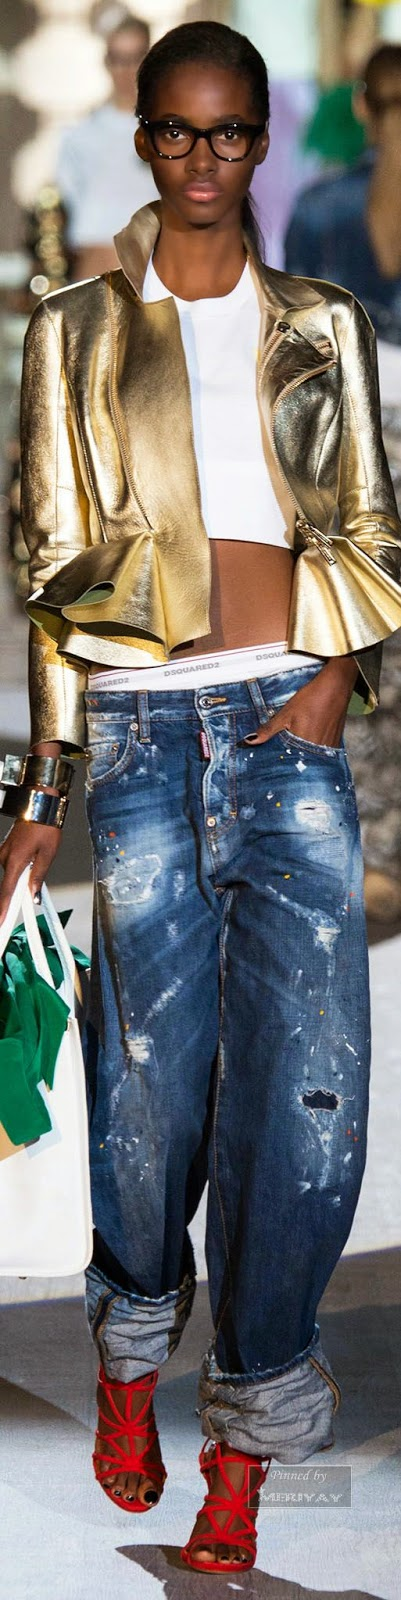 Tendências moda primavera-verão 2015 brilhos e metalizados